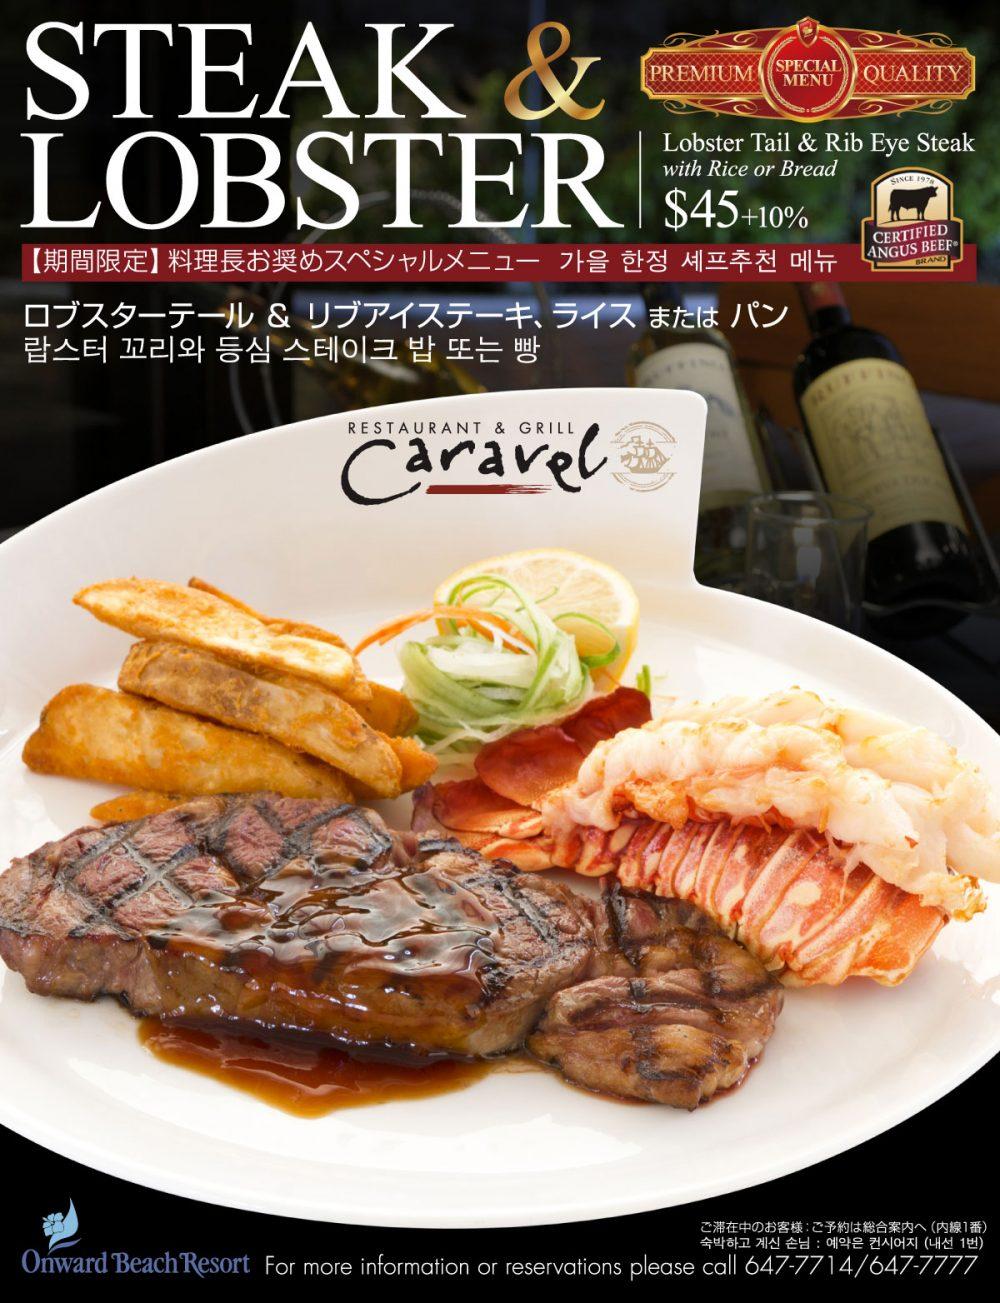 ロブスターテール&リブアイステーキ($45.00/1名) キャラベル オンワードビーチリゾート